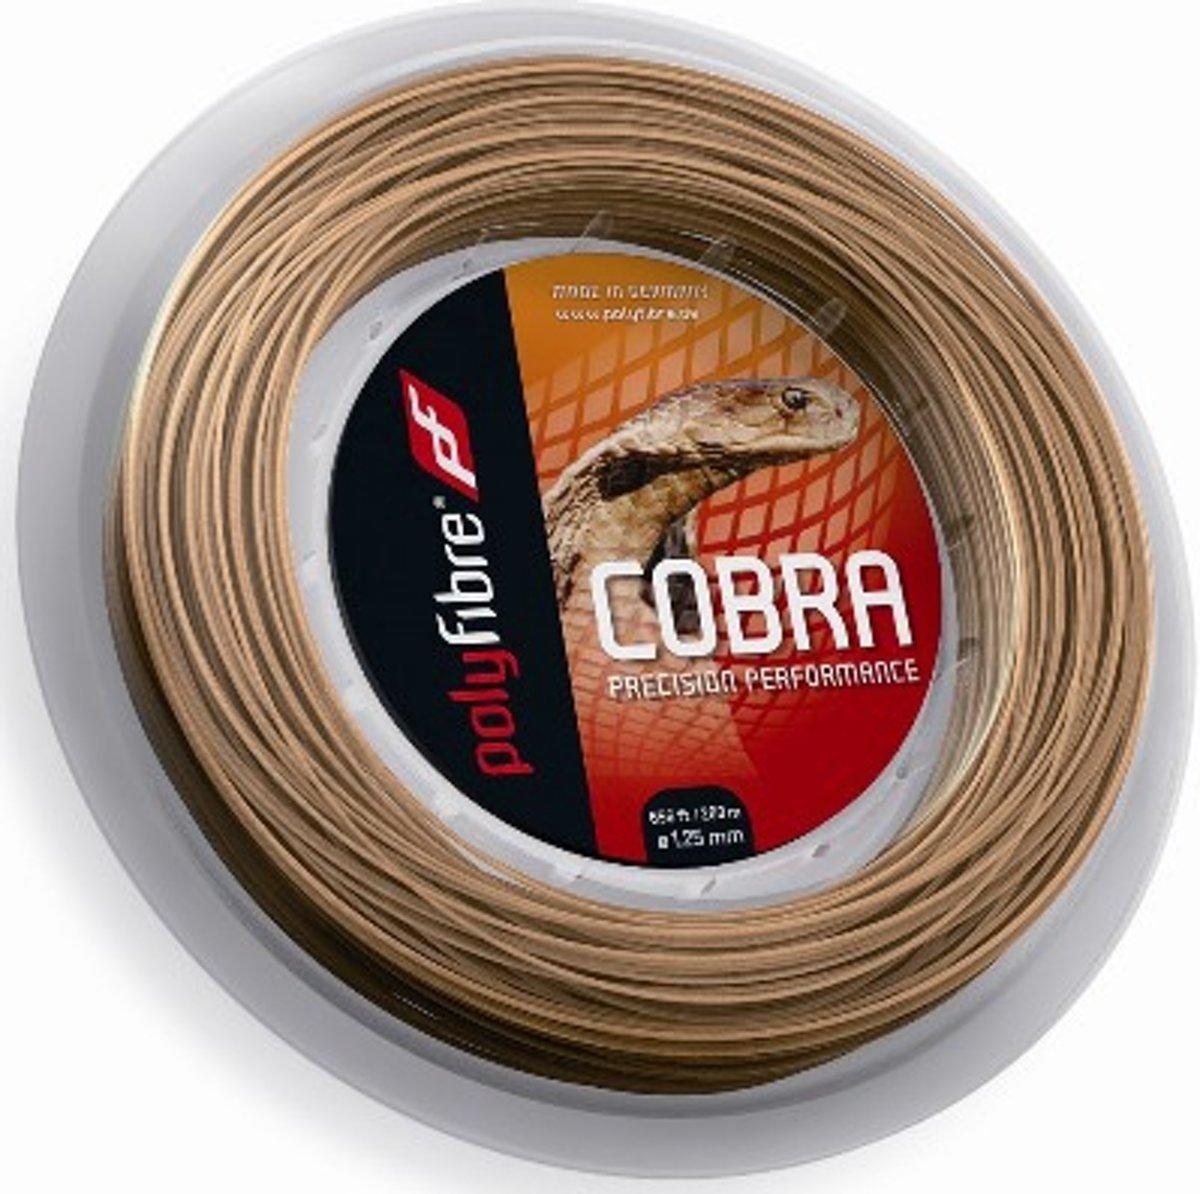 Polyfibre Cobra 200 m. tennissnaar 1,20 mm. kopen